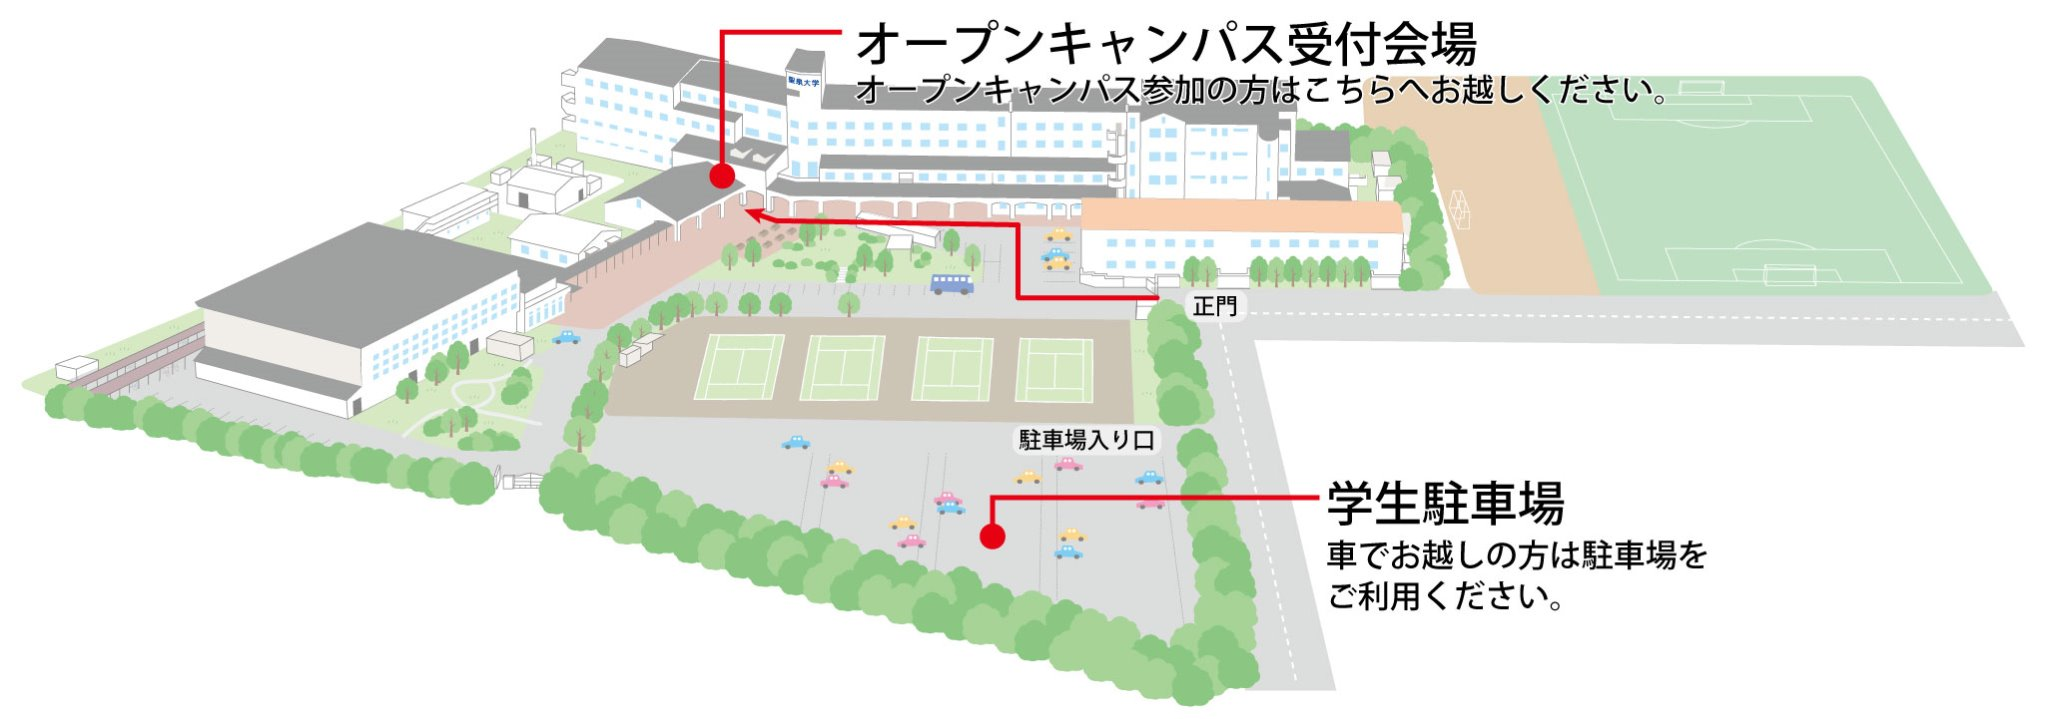 キャンパスマップ